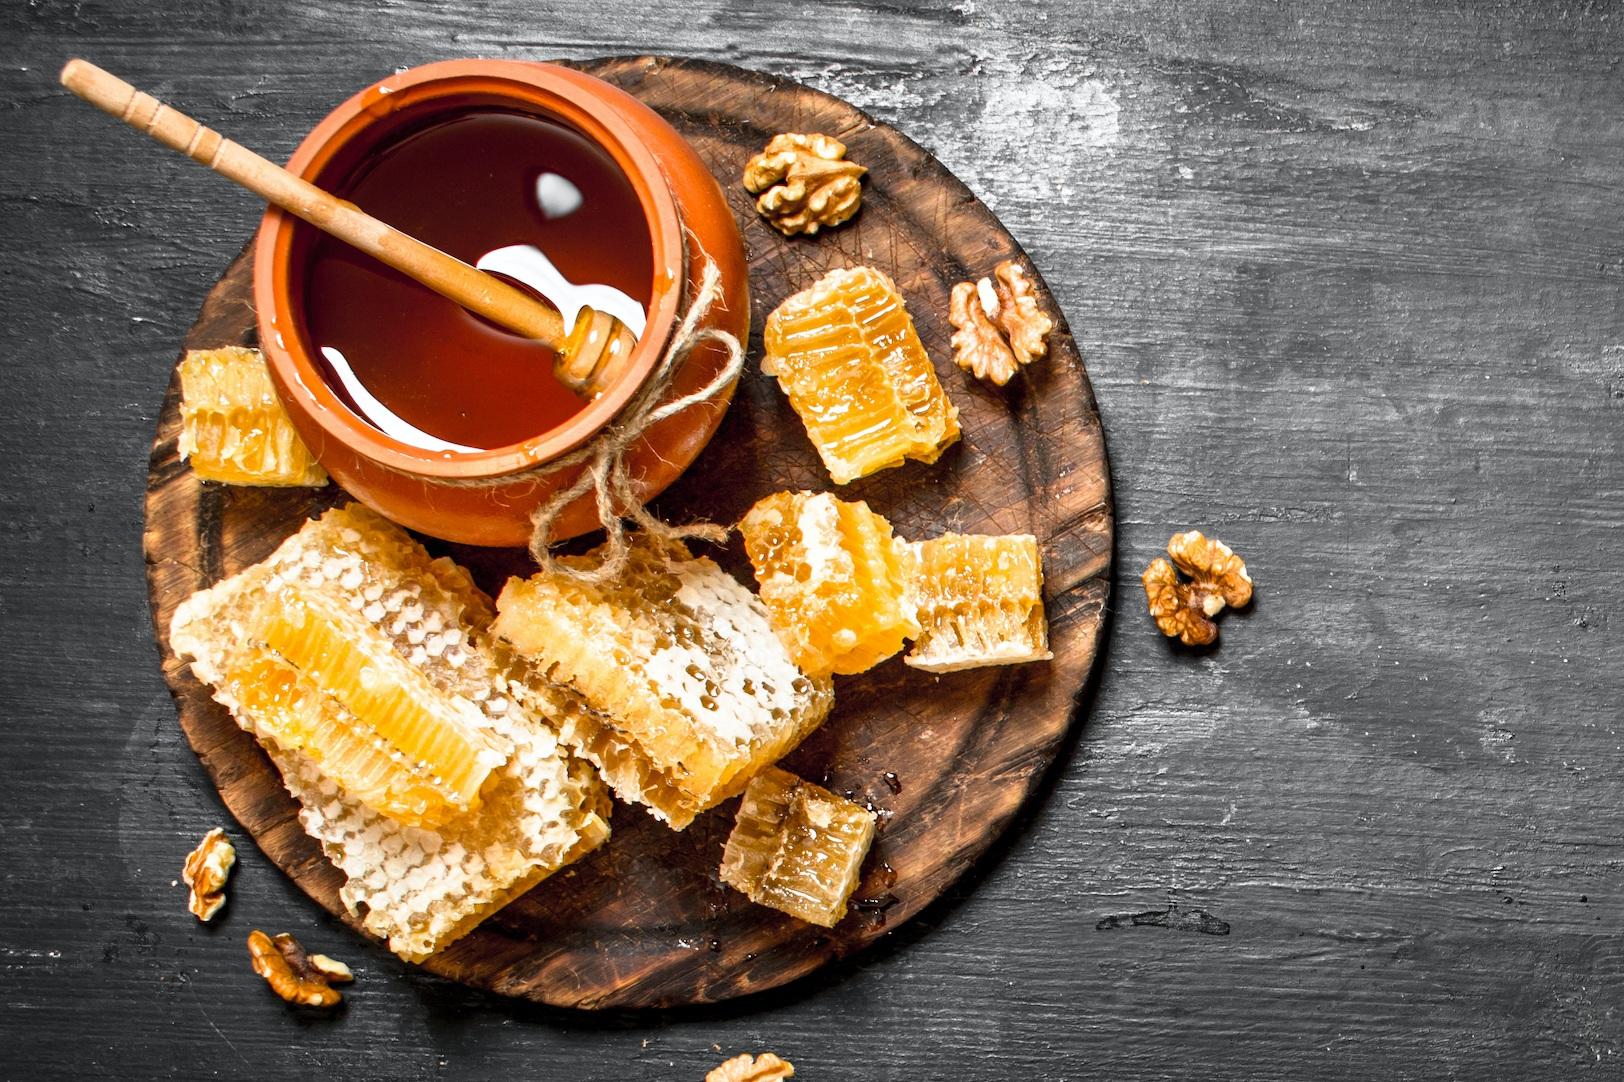 Finish - Hints of Cedar & Honey